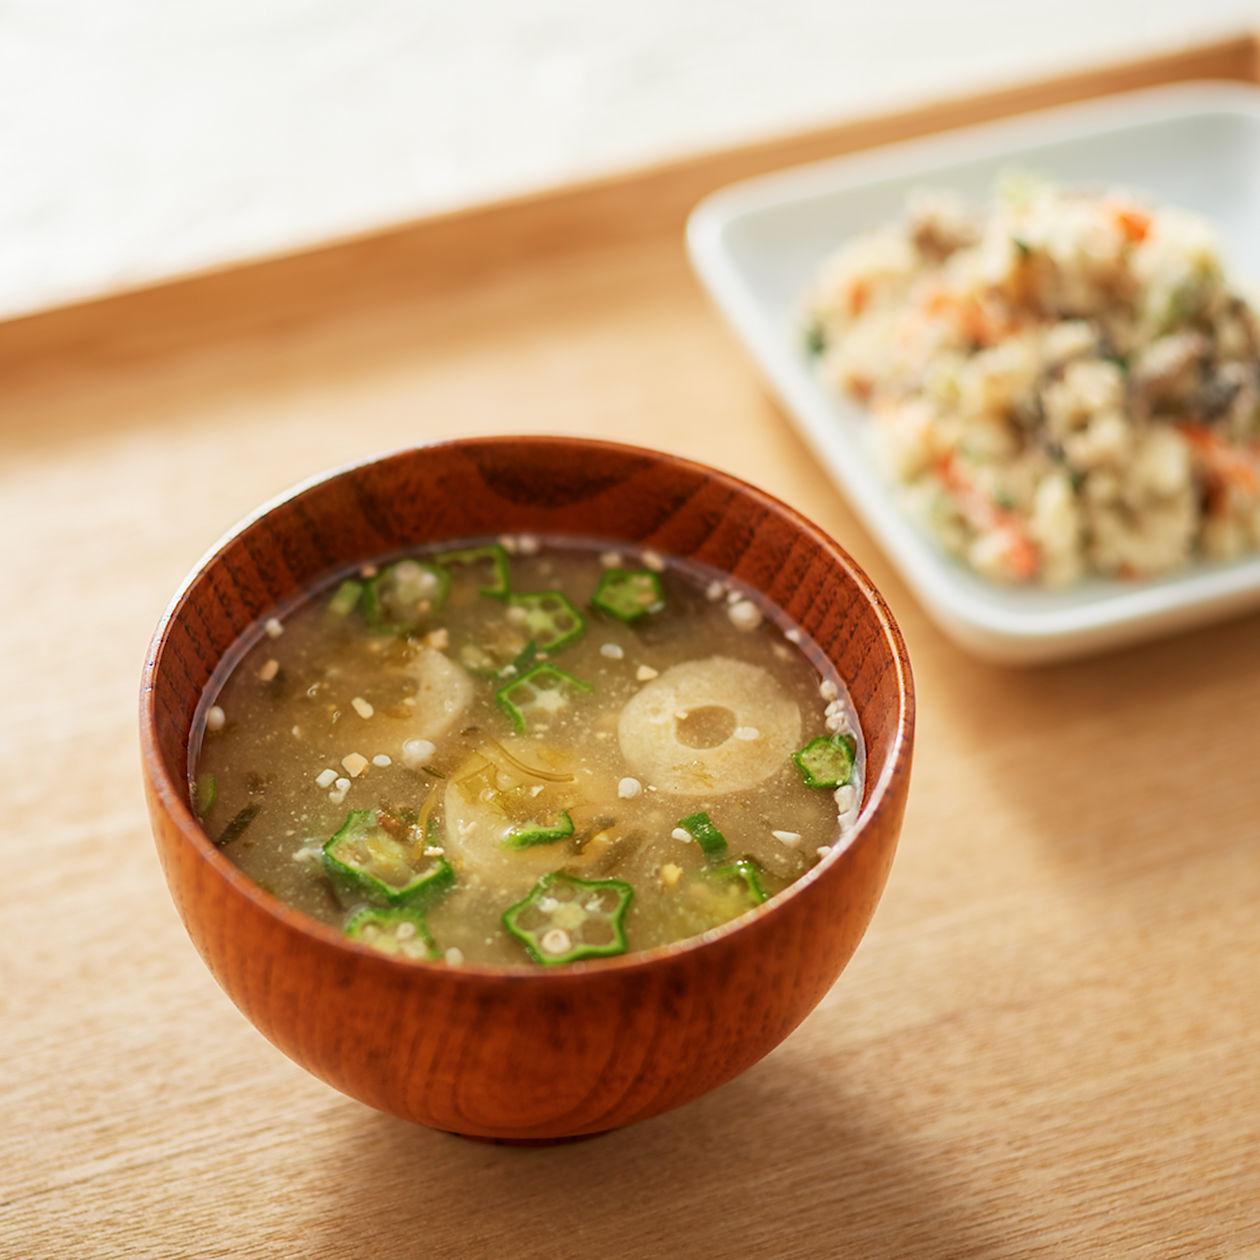 食べるスープ 海苔とめかぶの味噌汁